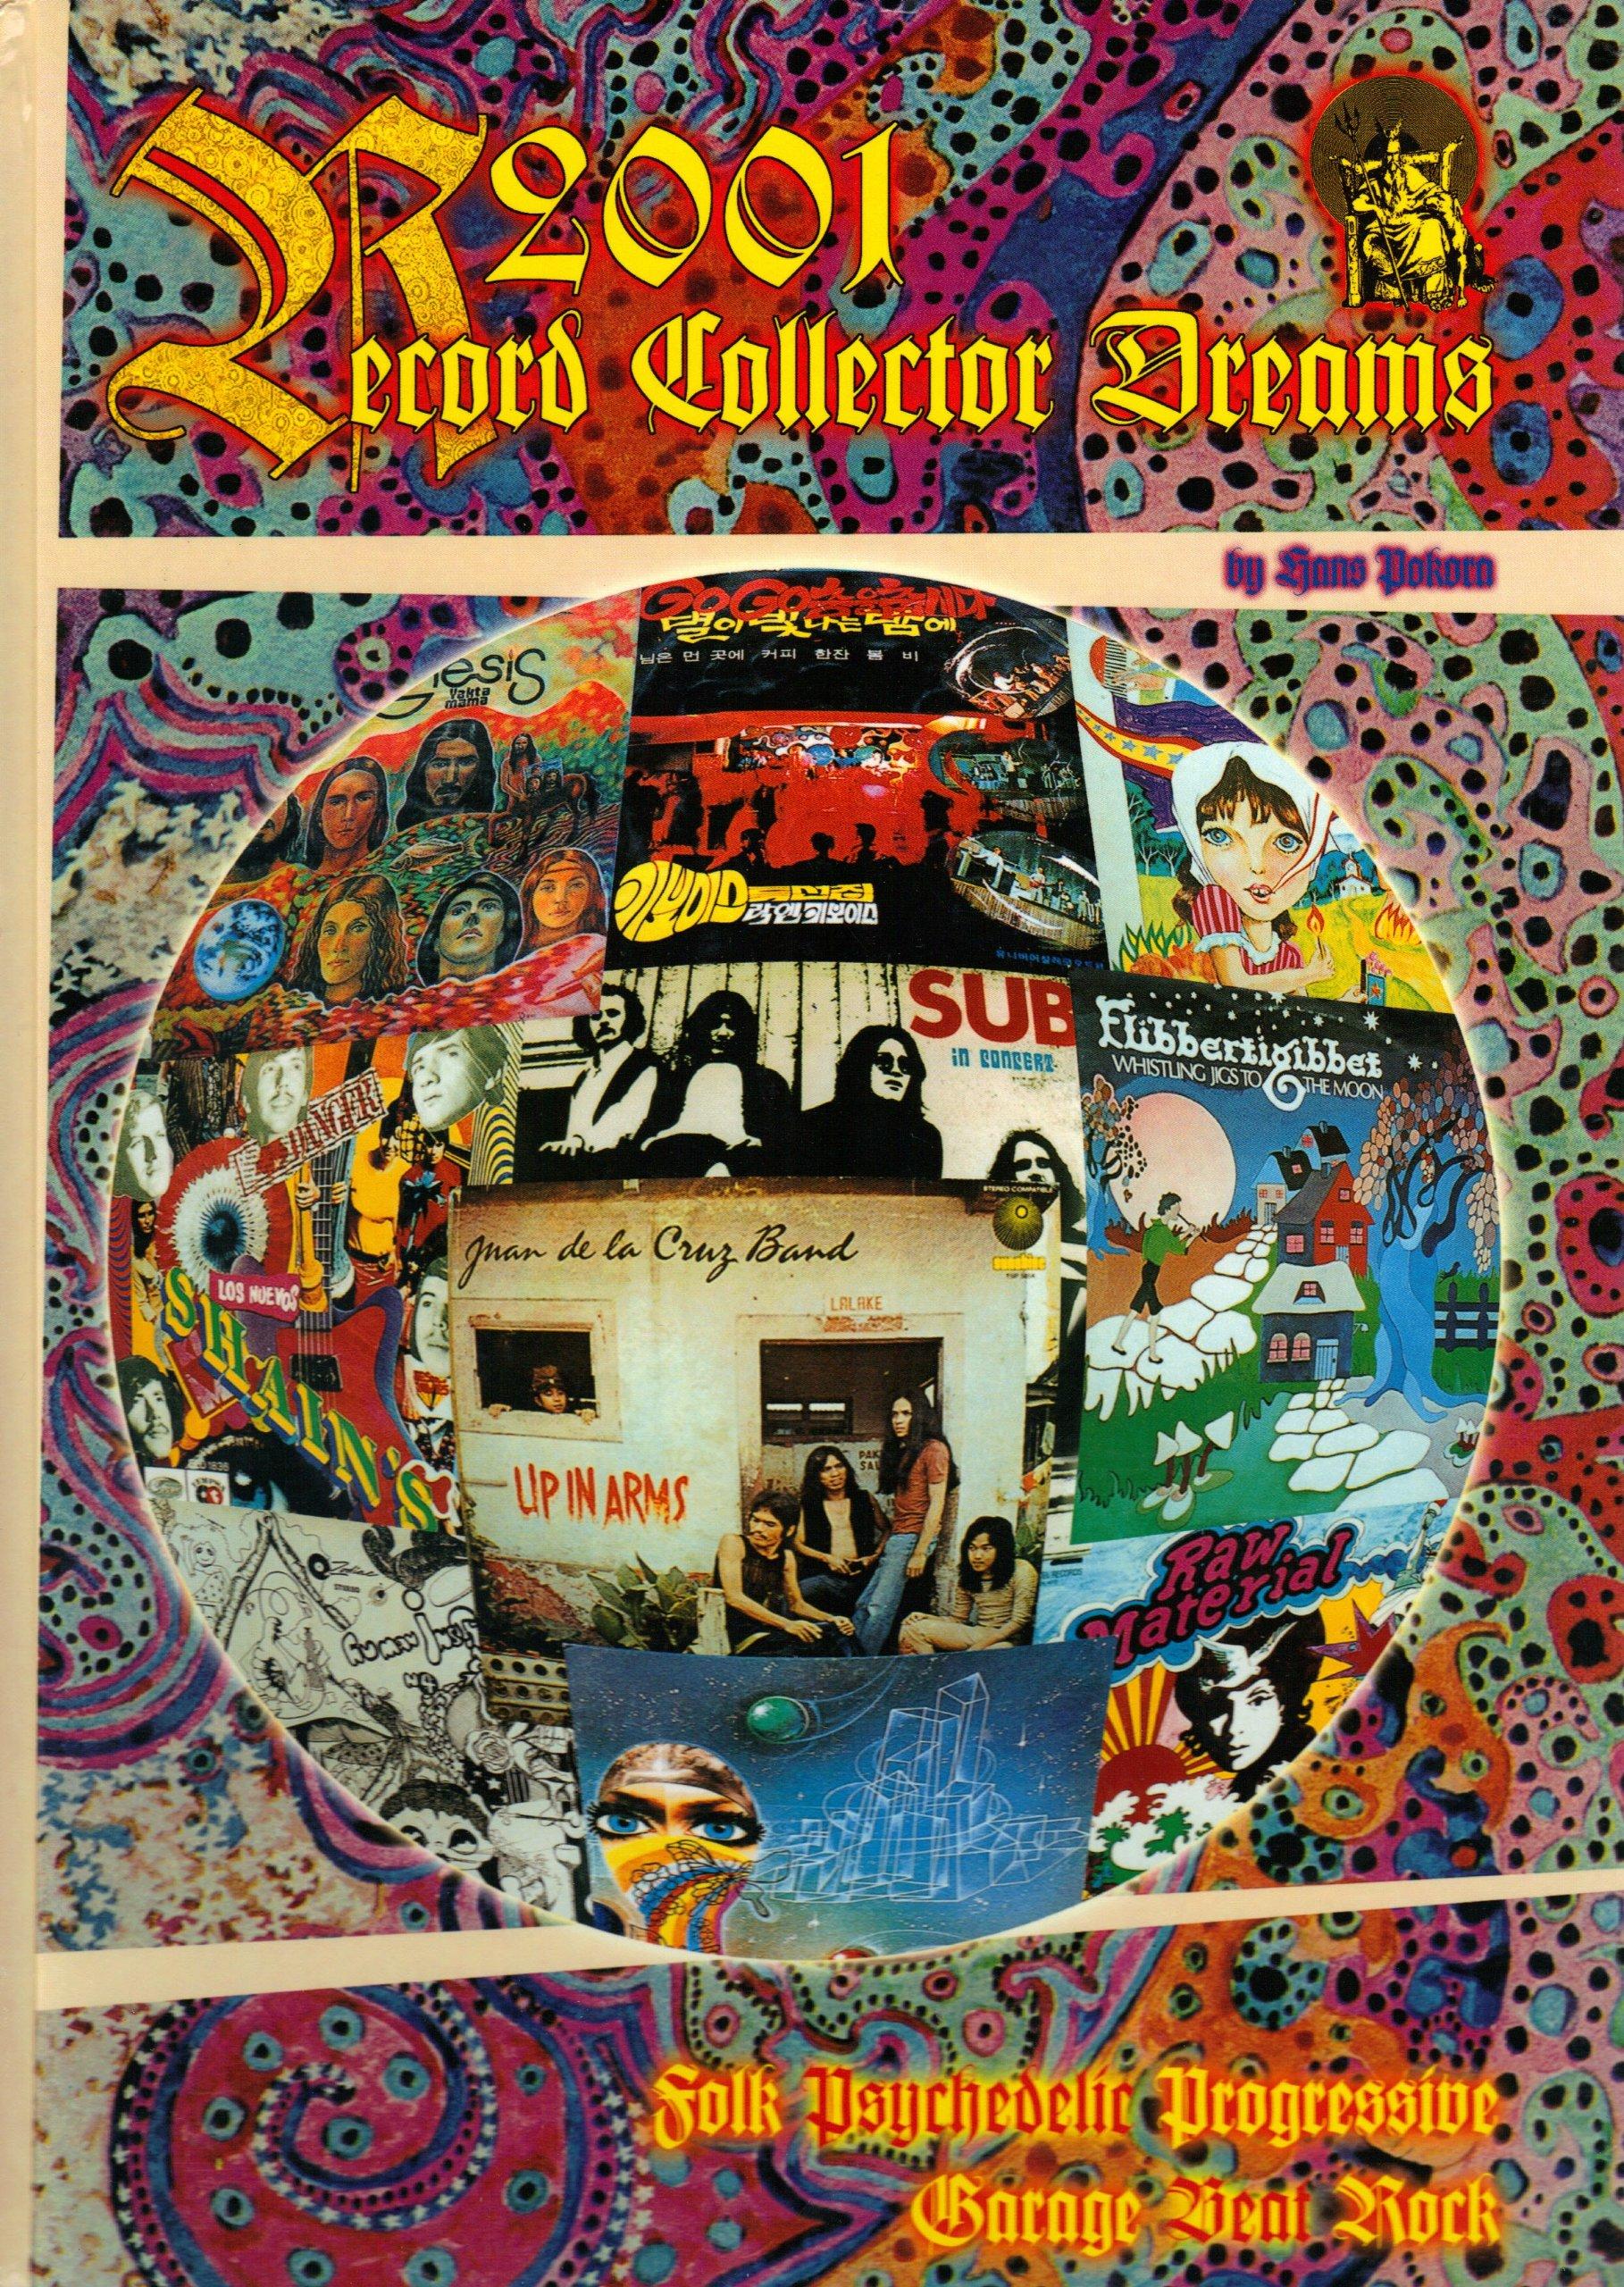 2001 Record Collector Dreams: Amazon.com: Books